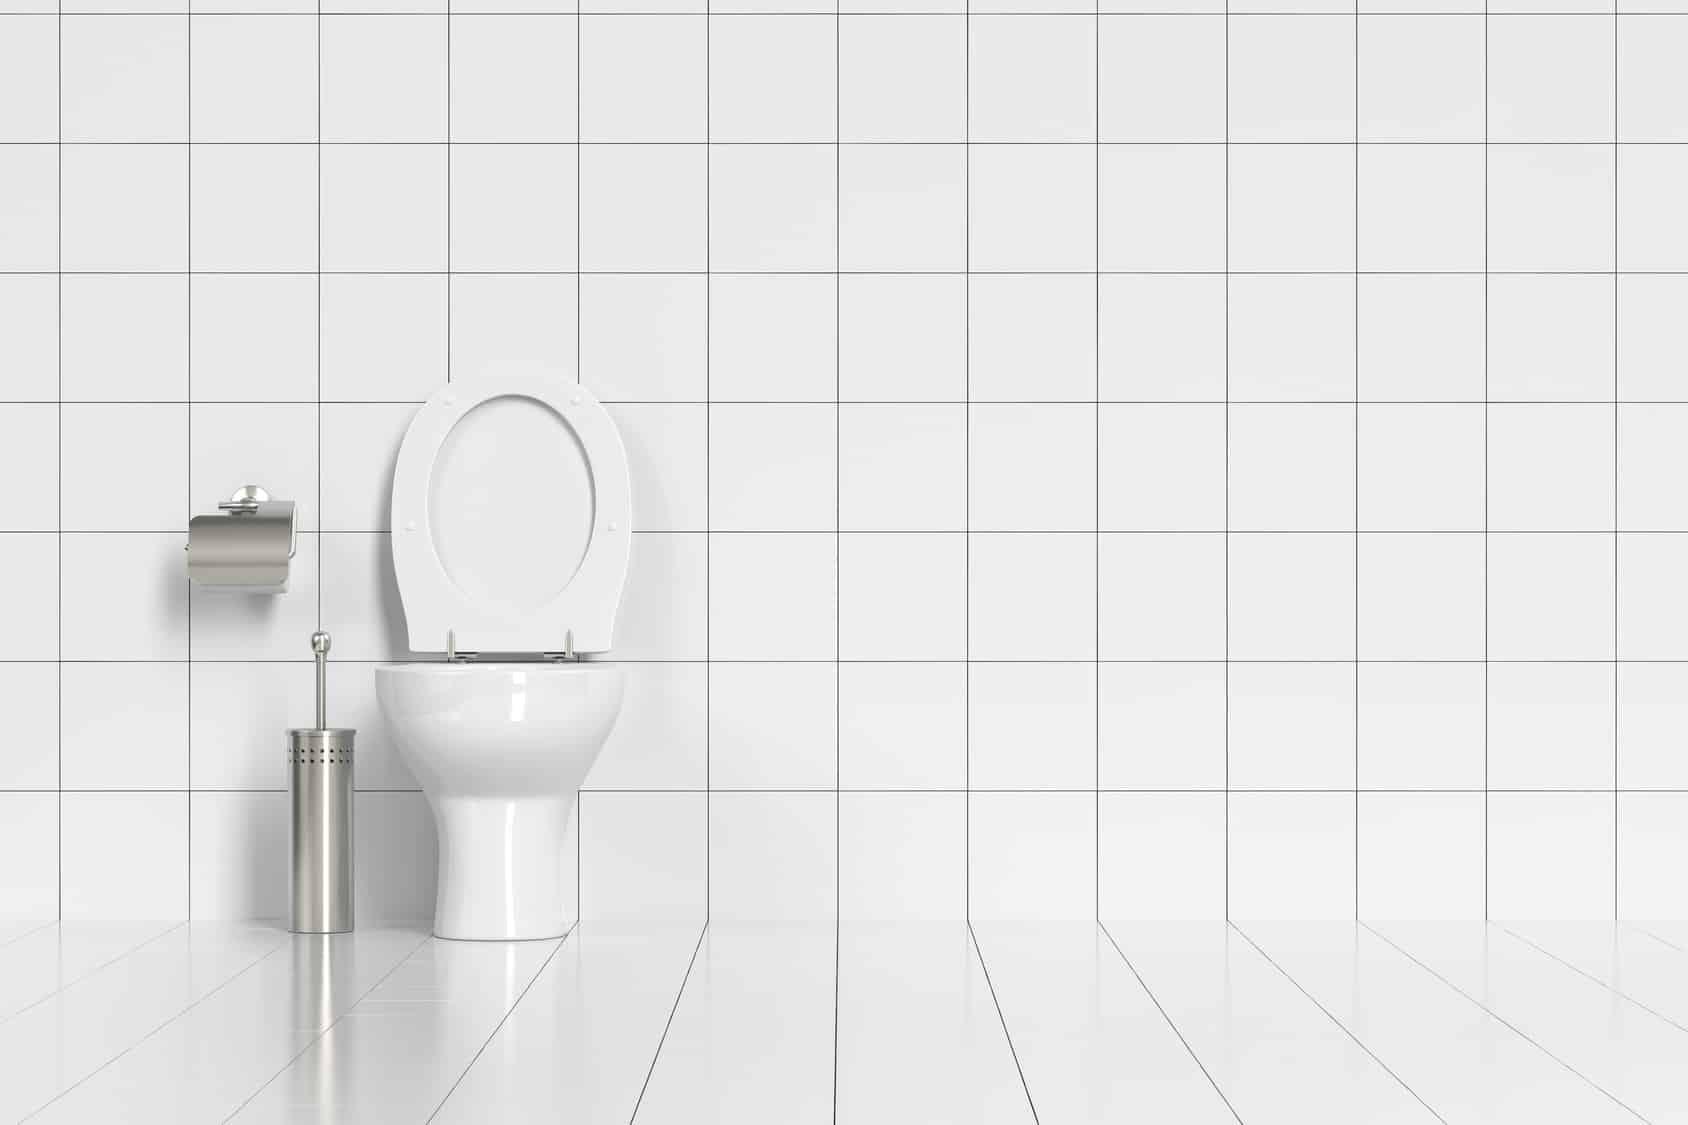 Comment Installer Toilette Suspendu le prix de l'installation de wc : les tarifs et devis